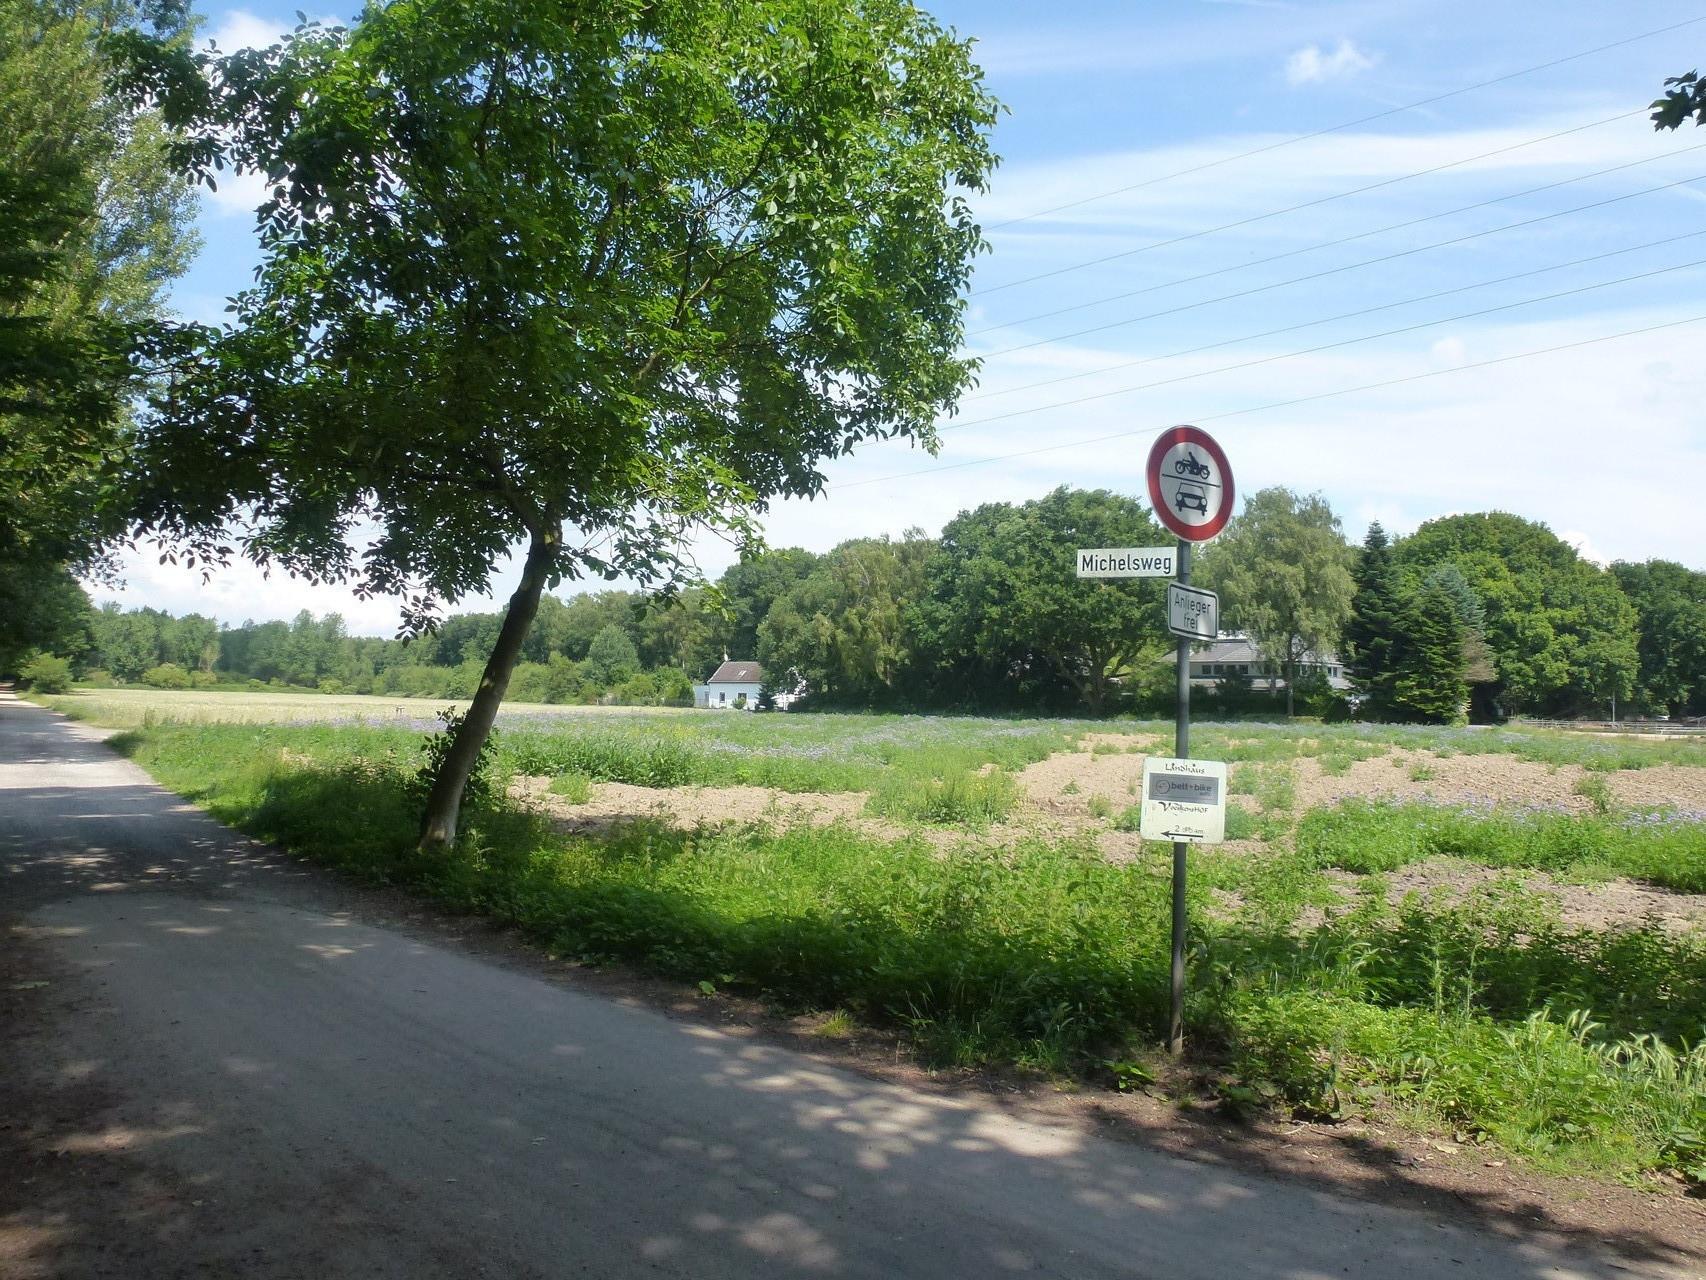 links Michelsweg